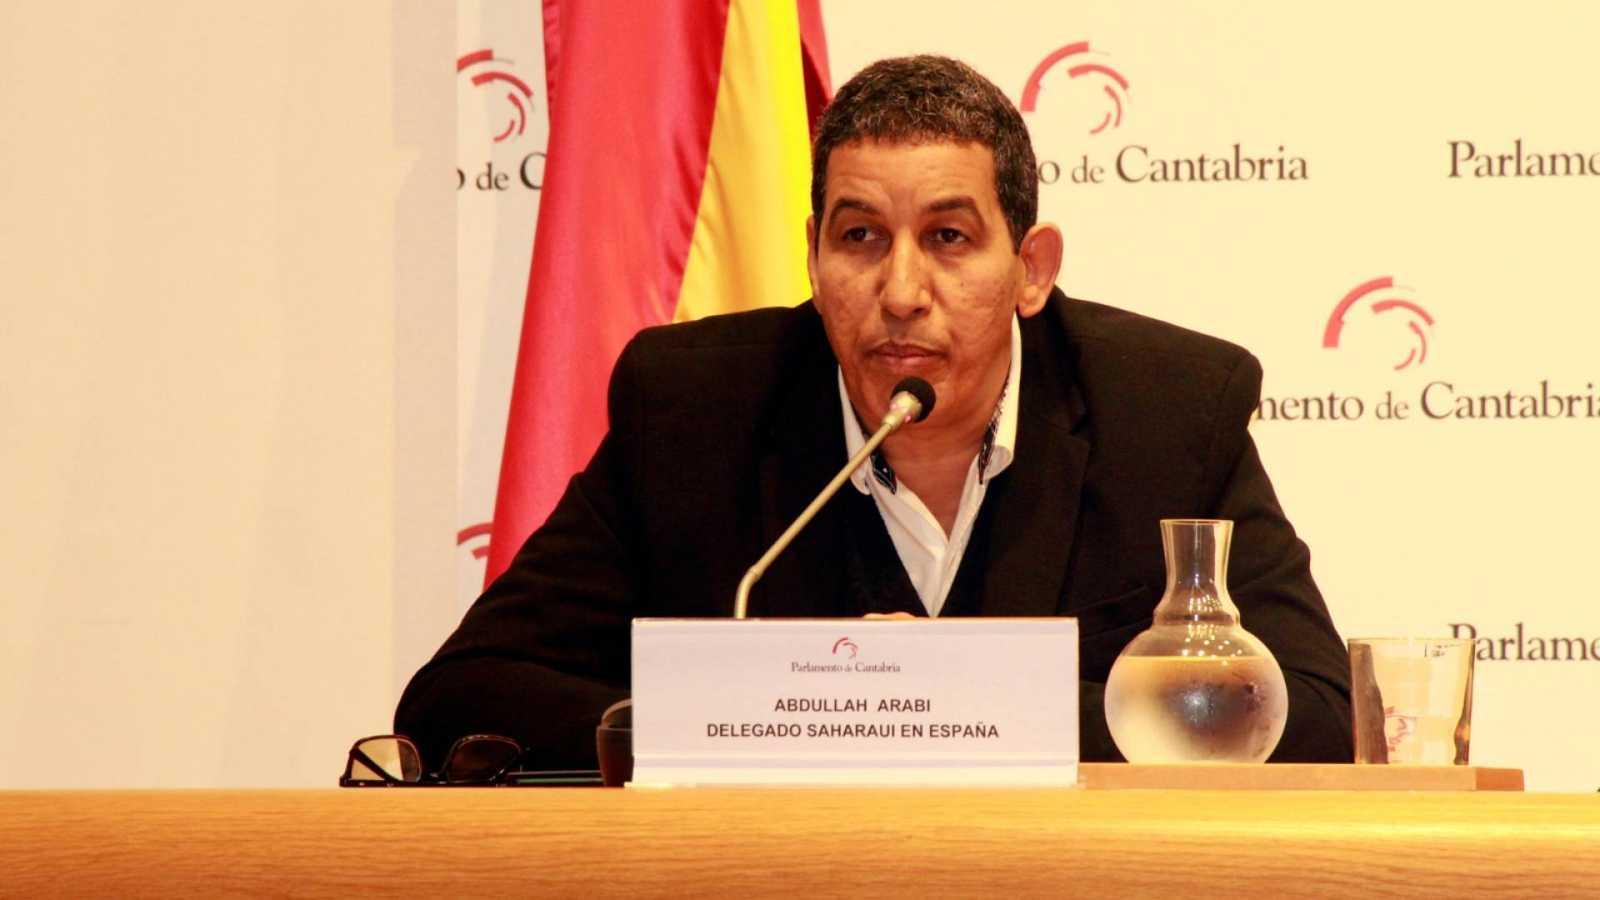 """24 horas informativos Fin de semana - Abdulah Arabi: """"Si la comunidad internacional quiere parar esta guerra, en el norte de África, tiene que venir con propuestas concretas"""" - Escuchar ahora"""